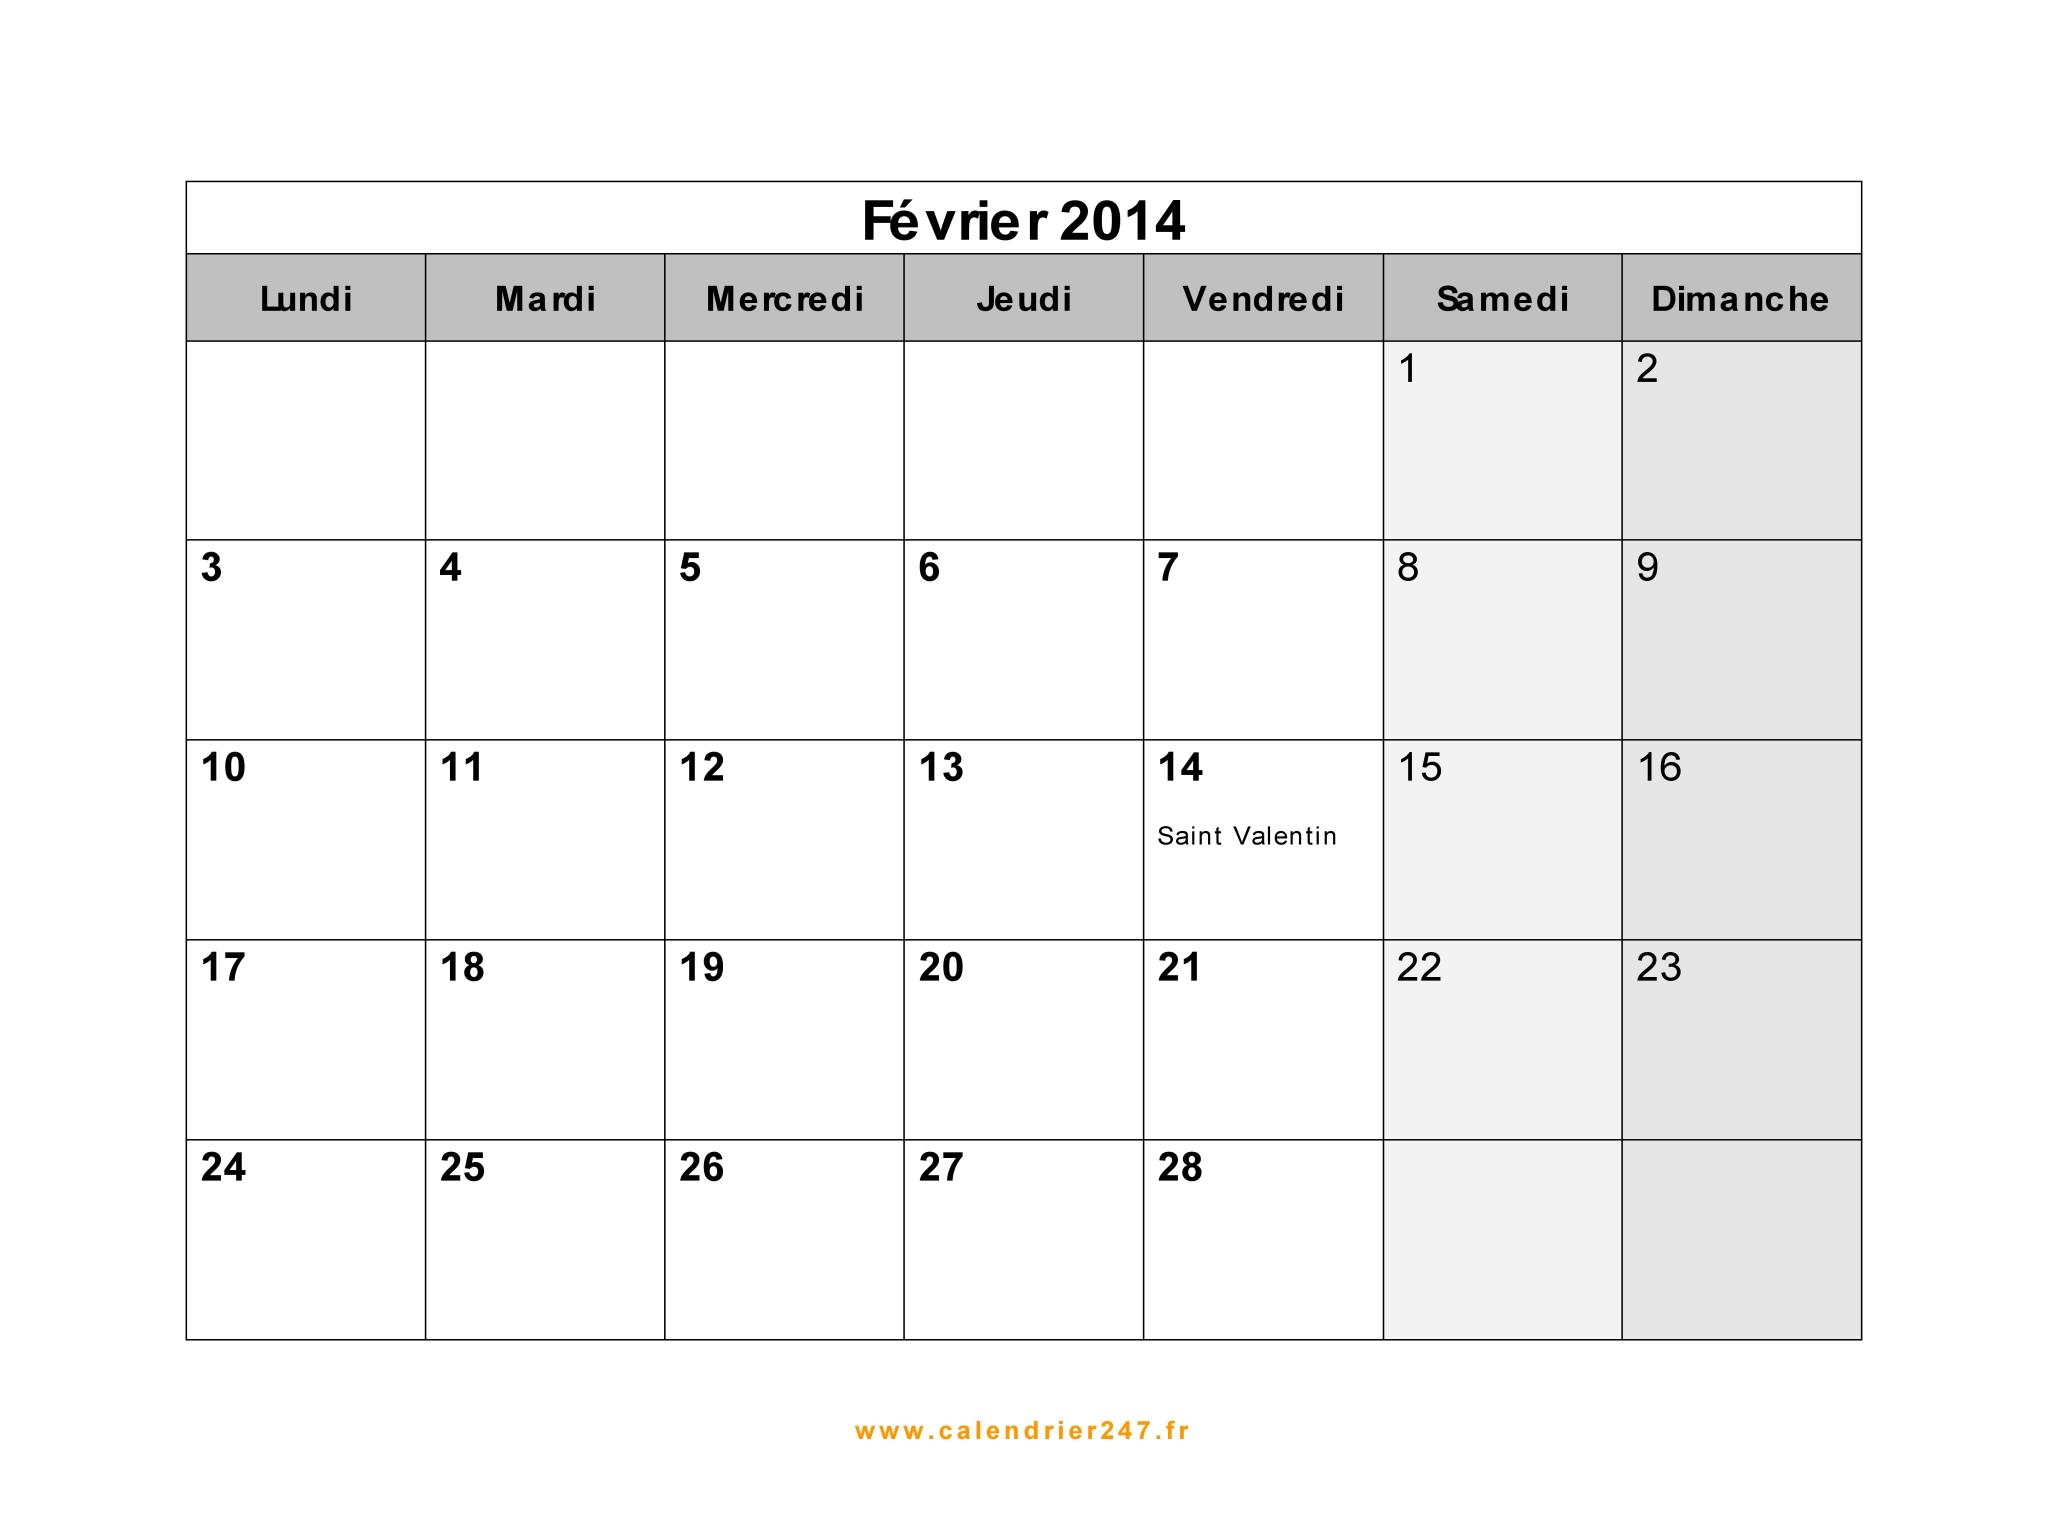 Fevrier Calendrier.Calendrier Fevrier 2014 A Imprimer Gratuit En Pdf Et Excel